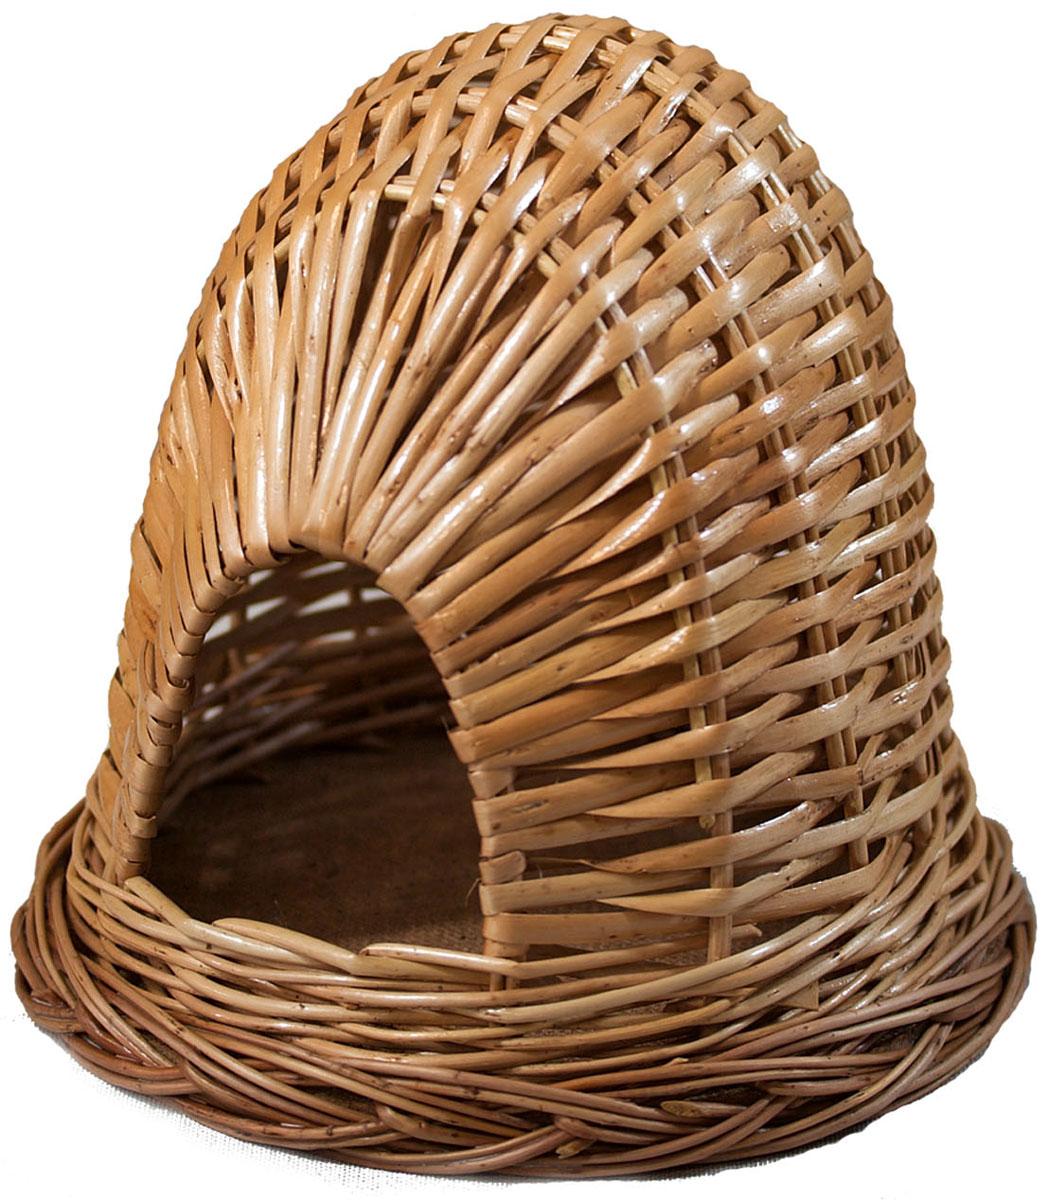 Домик для хомячка из лозы №1 15,5х15,5х14АРТ 325Домик, плетеный из лозы. Ручная работа. Натуральный ивовый прут.